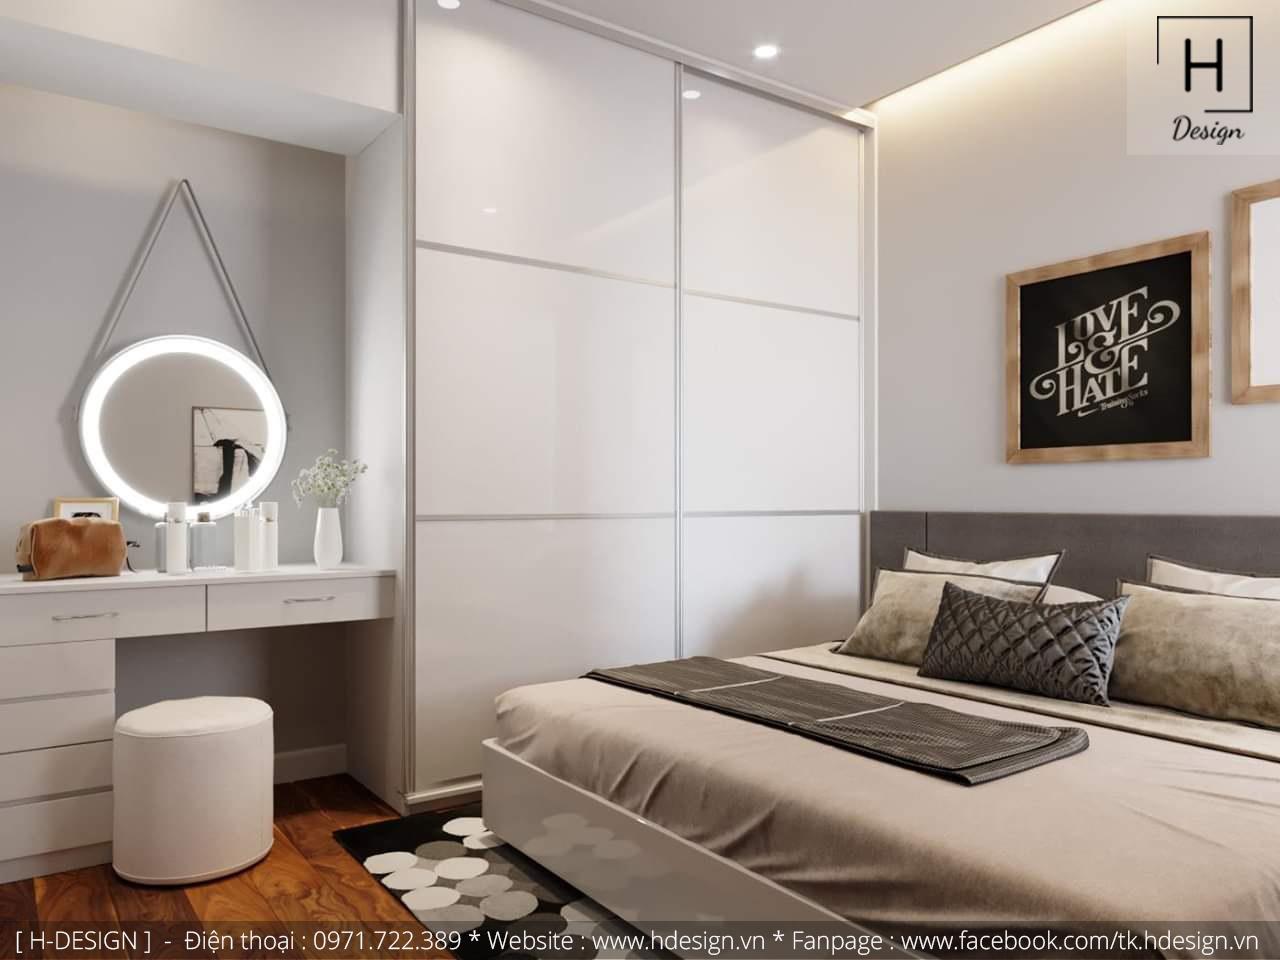 Thiết kế thi công nội thất phòng ngủ căn hộ chung cư 2 phòng ngủ đẹp tại Hà Nội 2